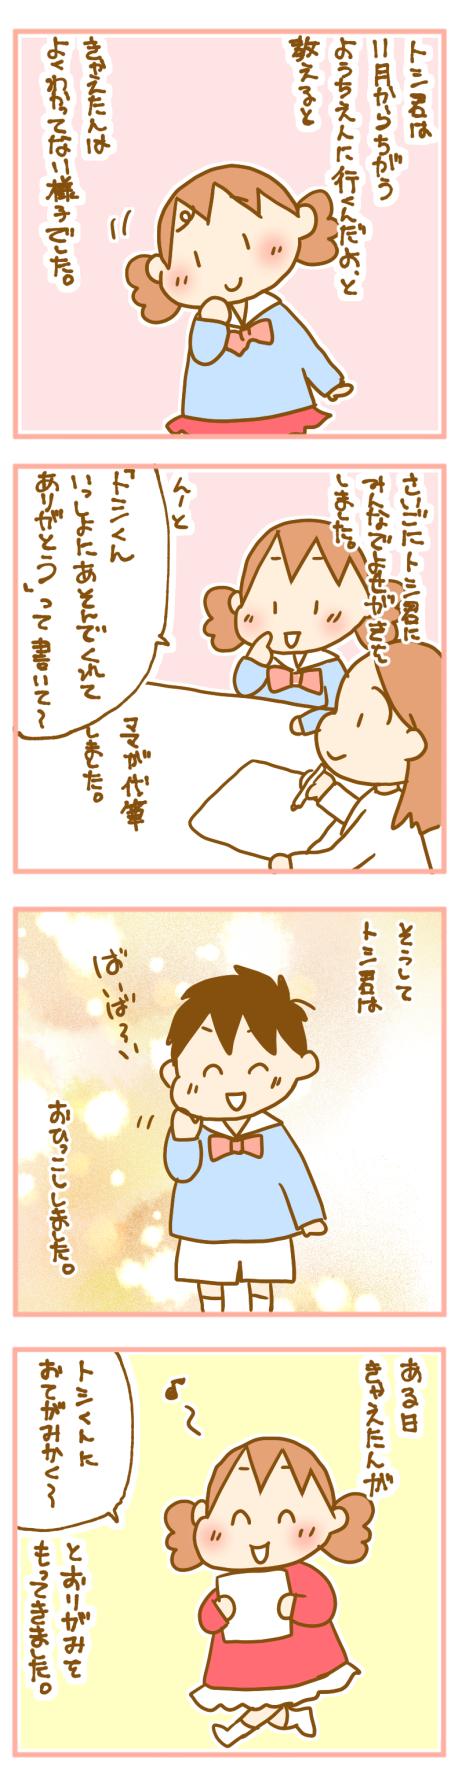 としくんへの手紙02